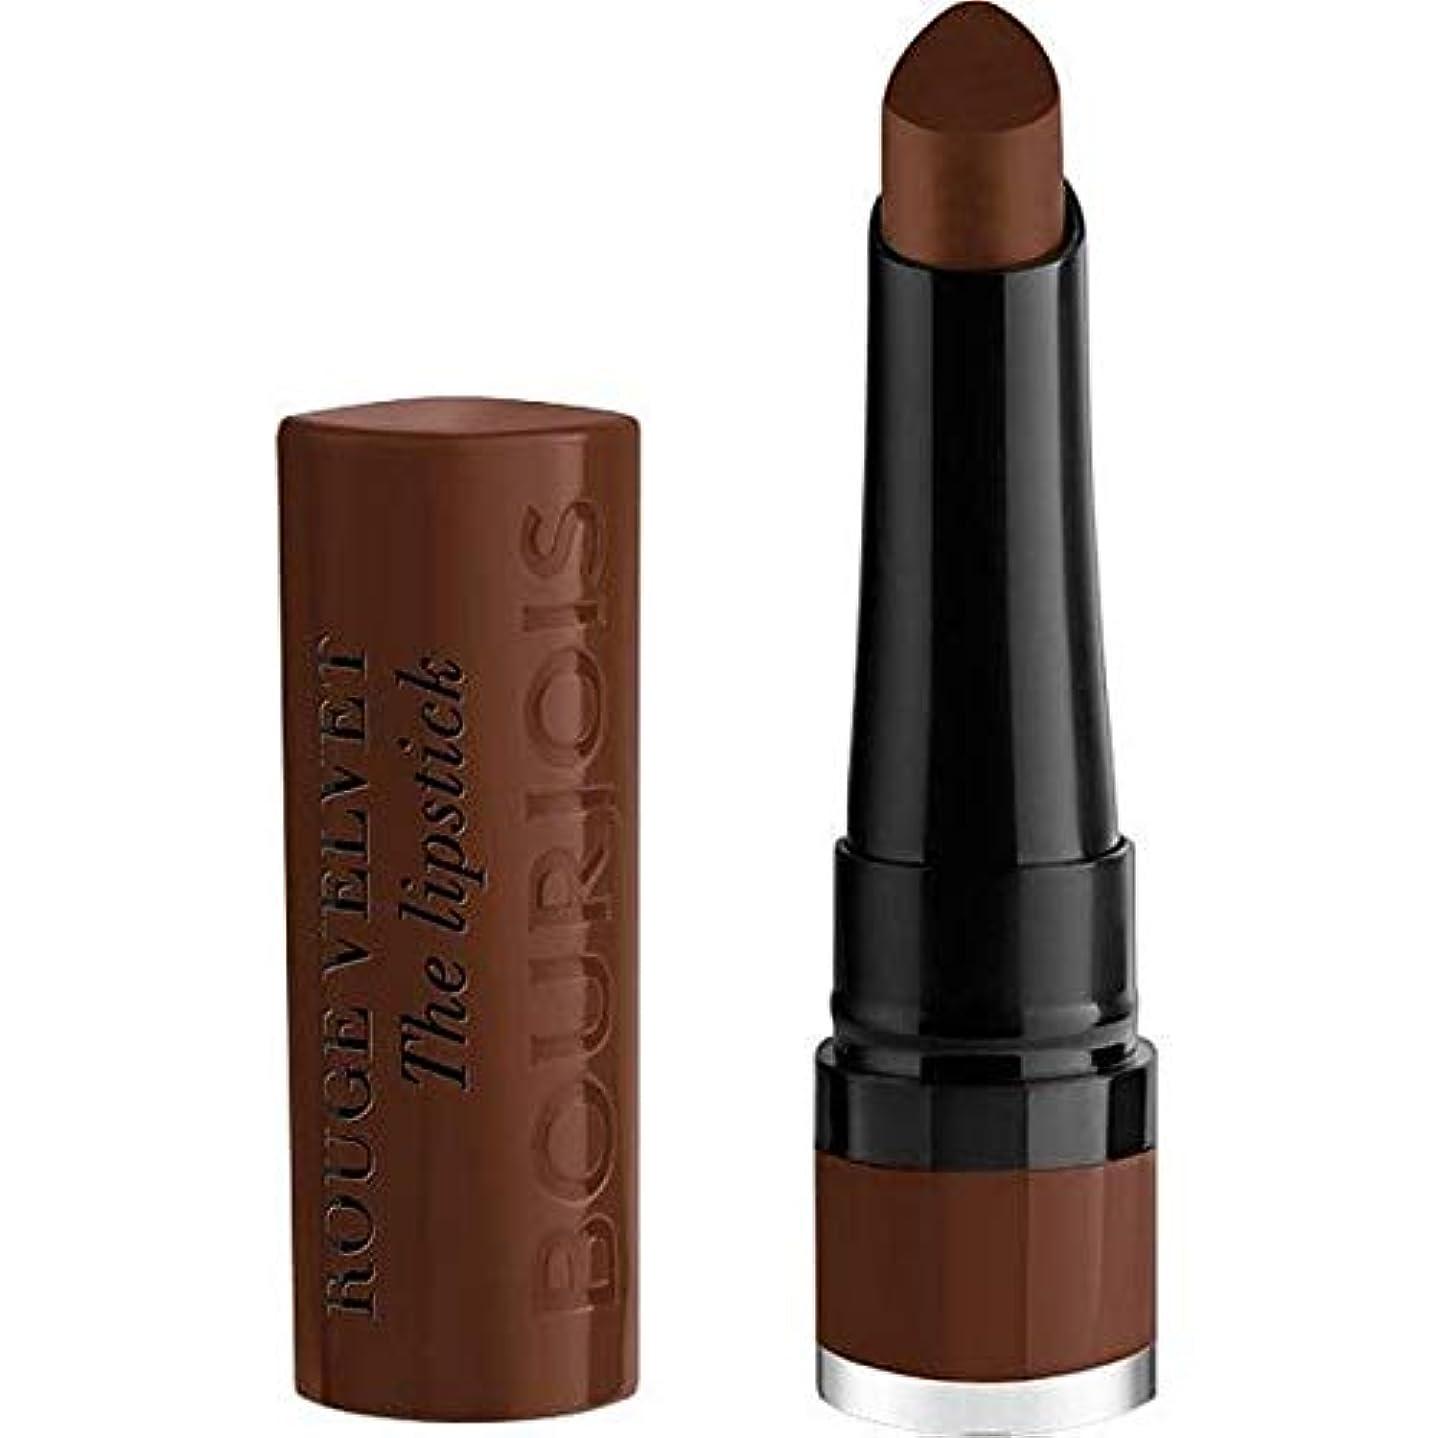 弾薬金曜日週末[Bourjois ] ブルジョワルージュのベルベット口紅マカブラウン - Bourjois Rouge Velvet Lipstick Maca Brown [並行輸入品]